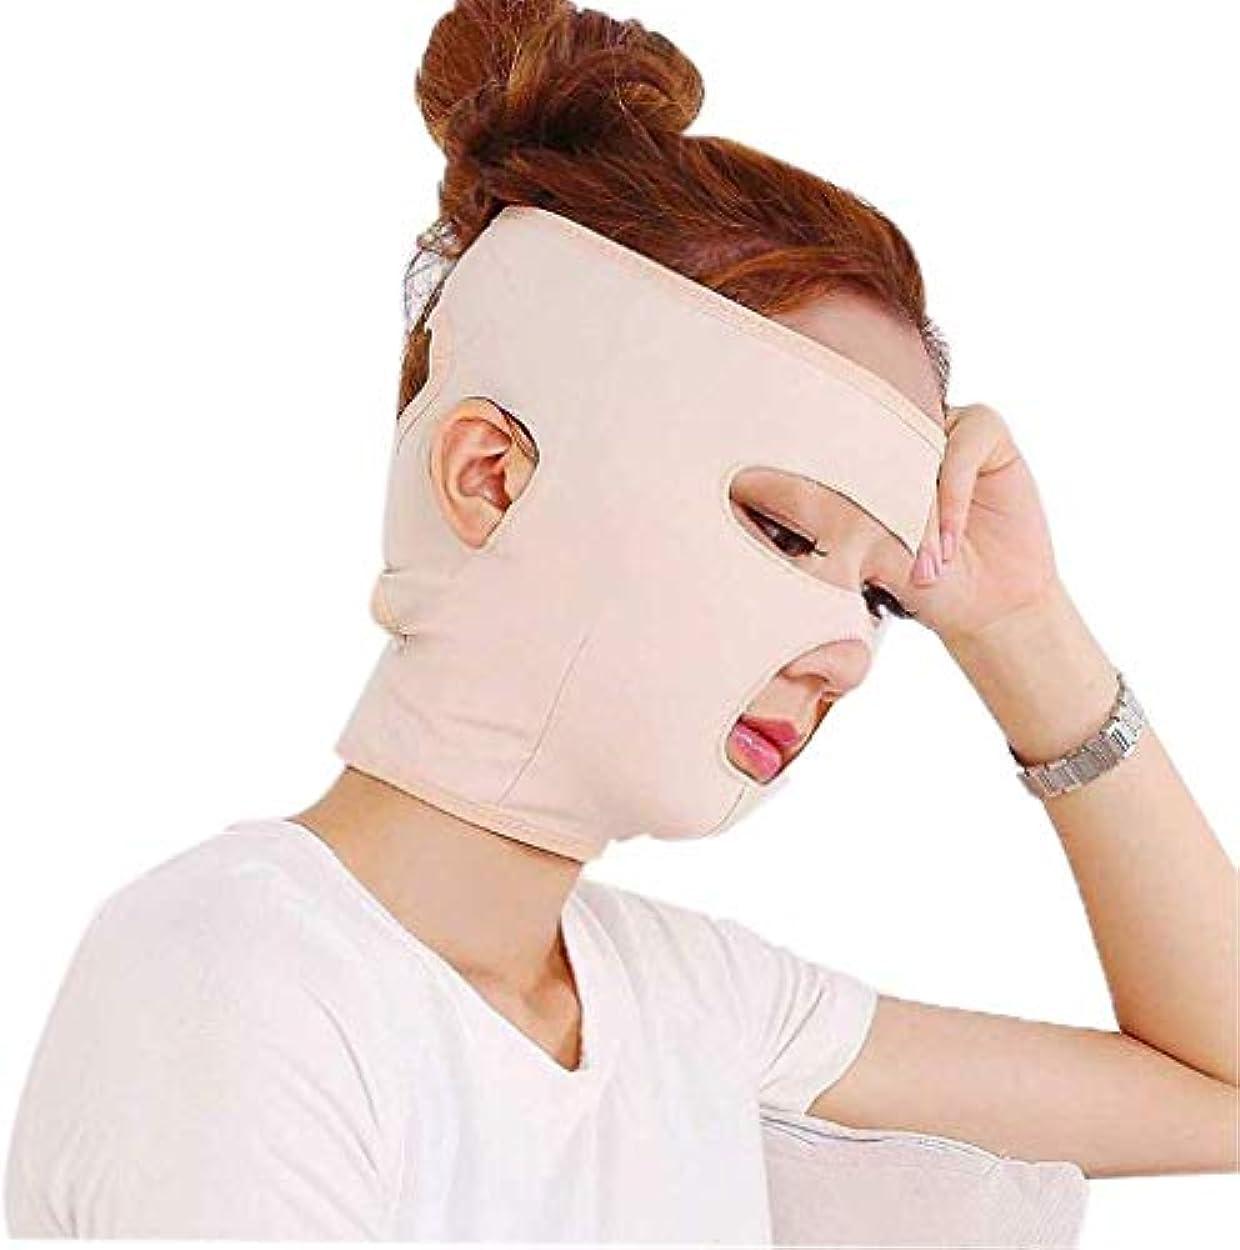 腫瘍葉を集めるボクシング美容と実用的なフェイスリフティングマスク、フルフェイス通気性の術後回復包帯リフティングファーミングスキンリダクションによる小さなVフェイスマスクの作成(サイズ:M)